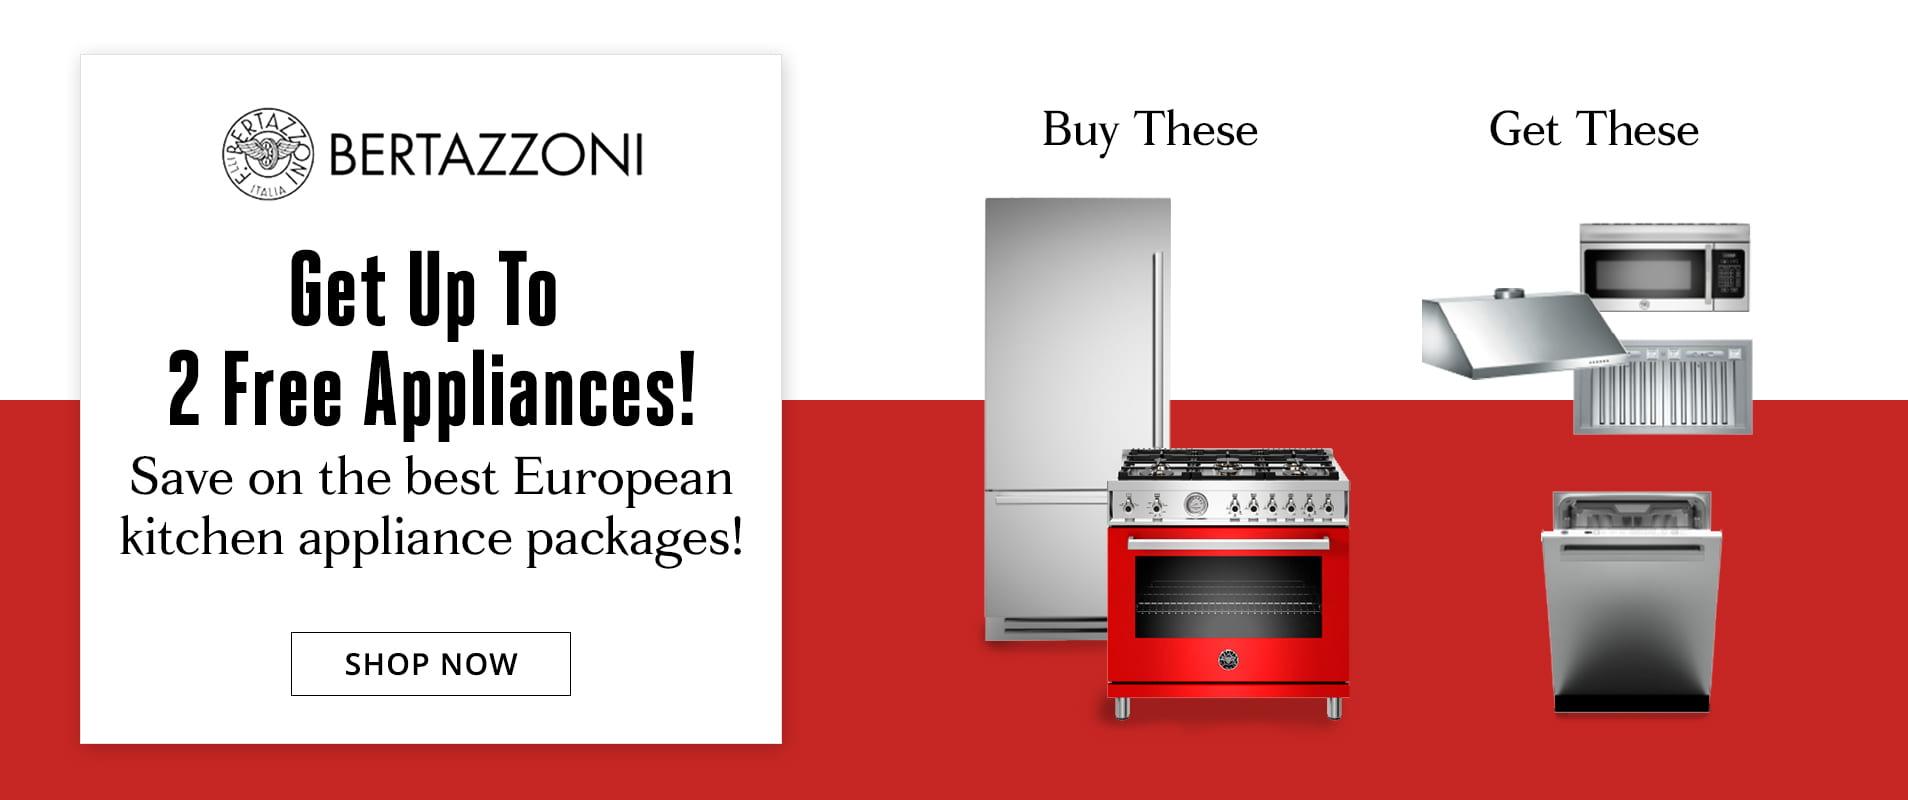 Appliances Kitchen Home Appliances Buy Online